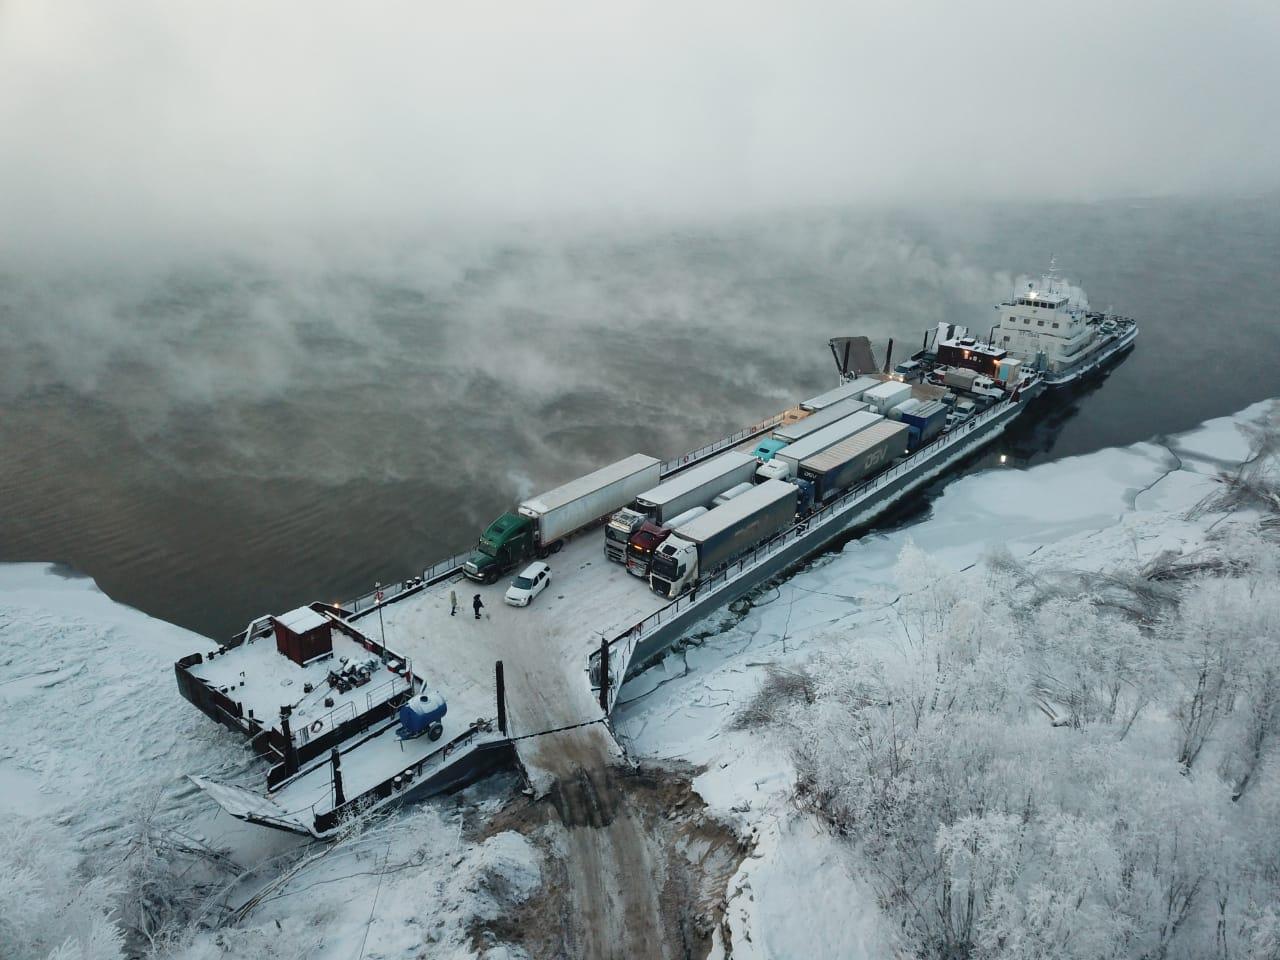 Речники Ленского пароходства продолжают перевозку грузов в условиях формирования ледостава